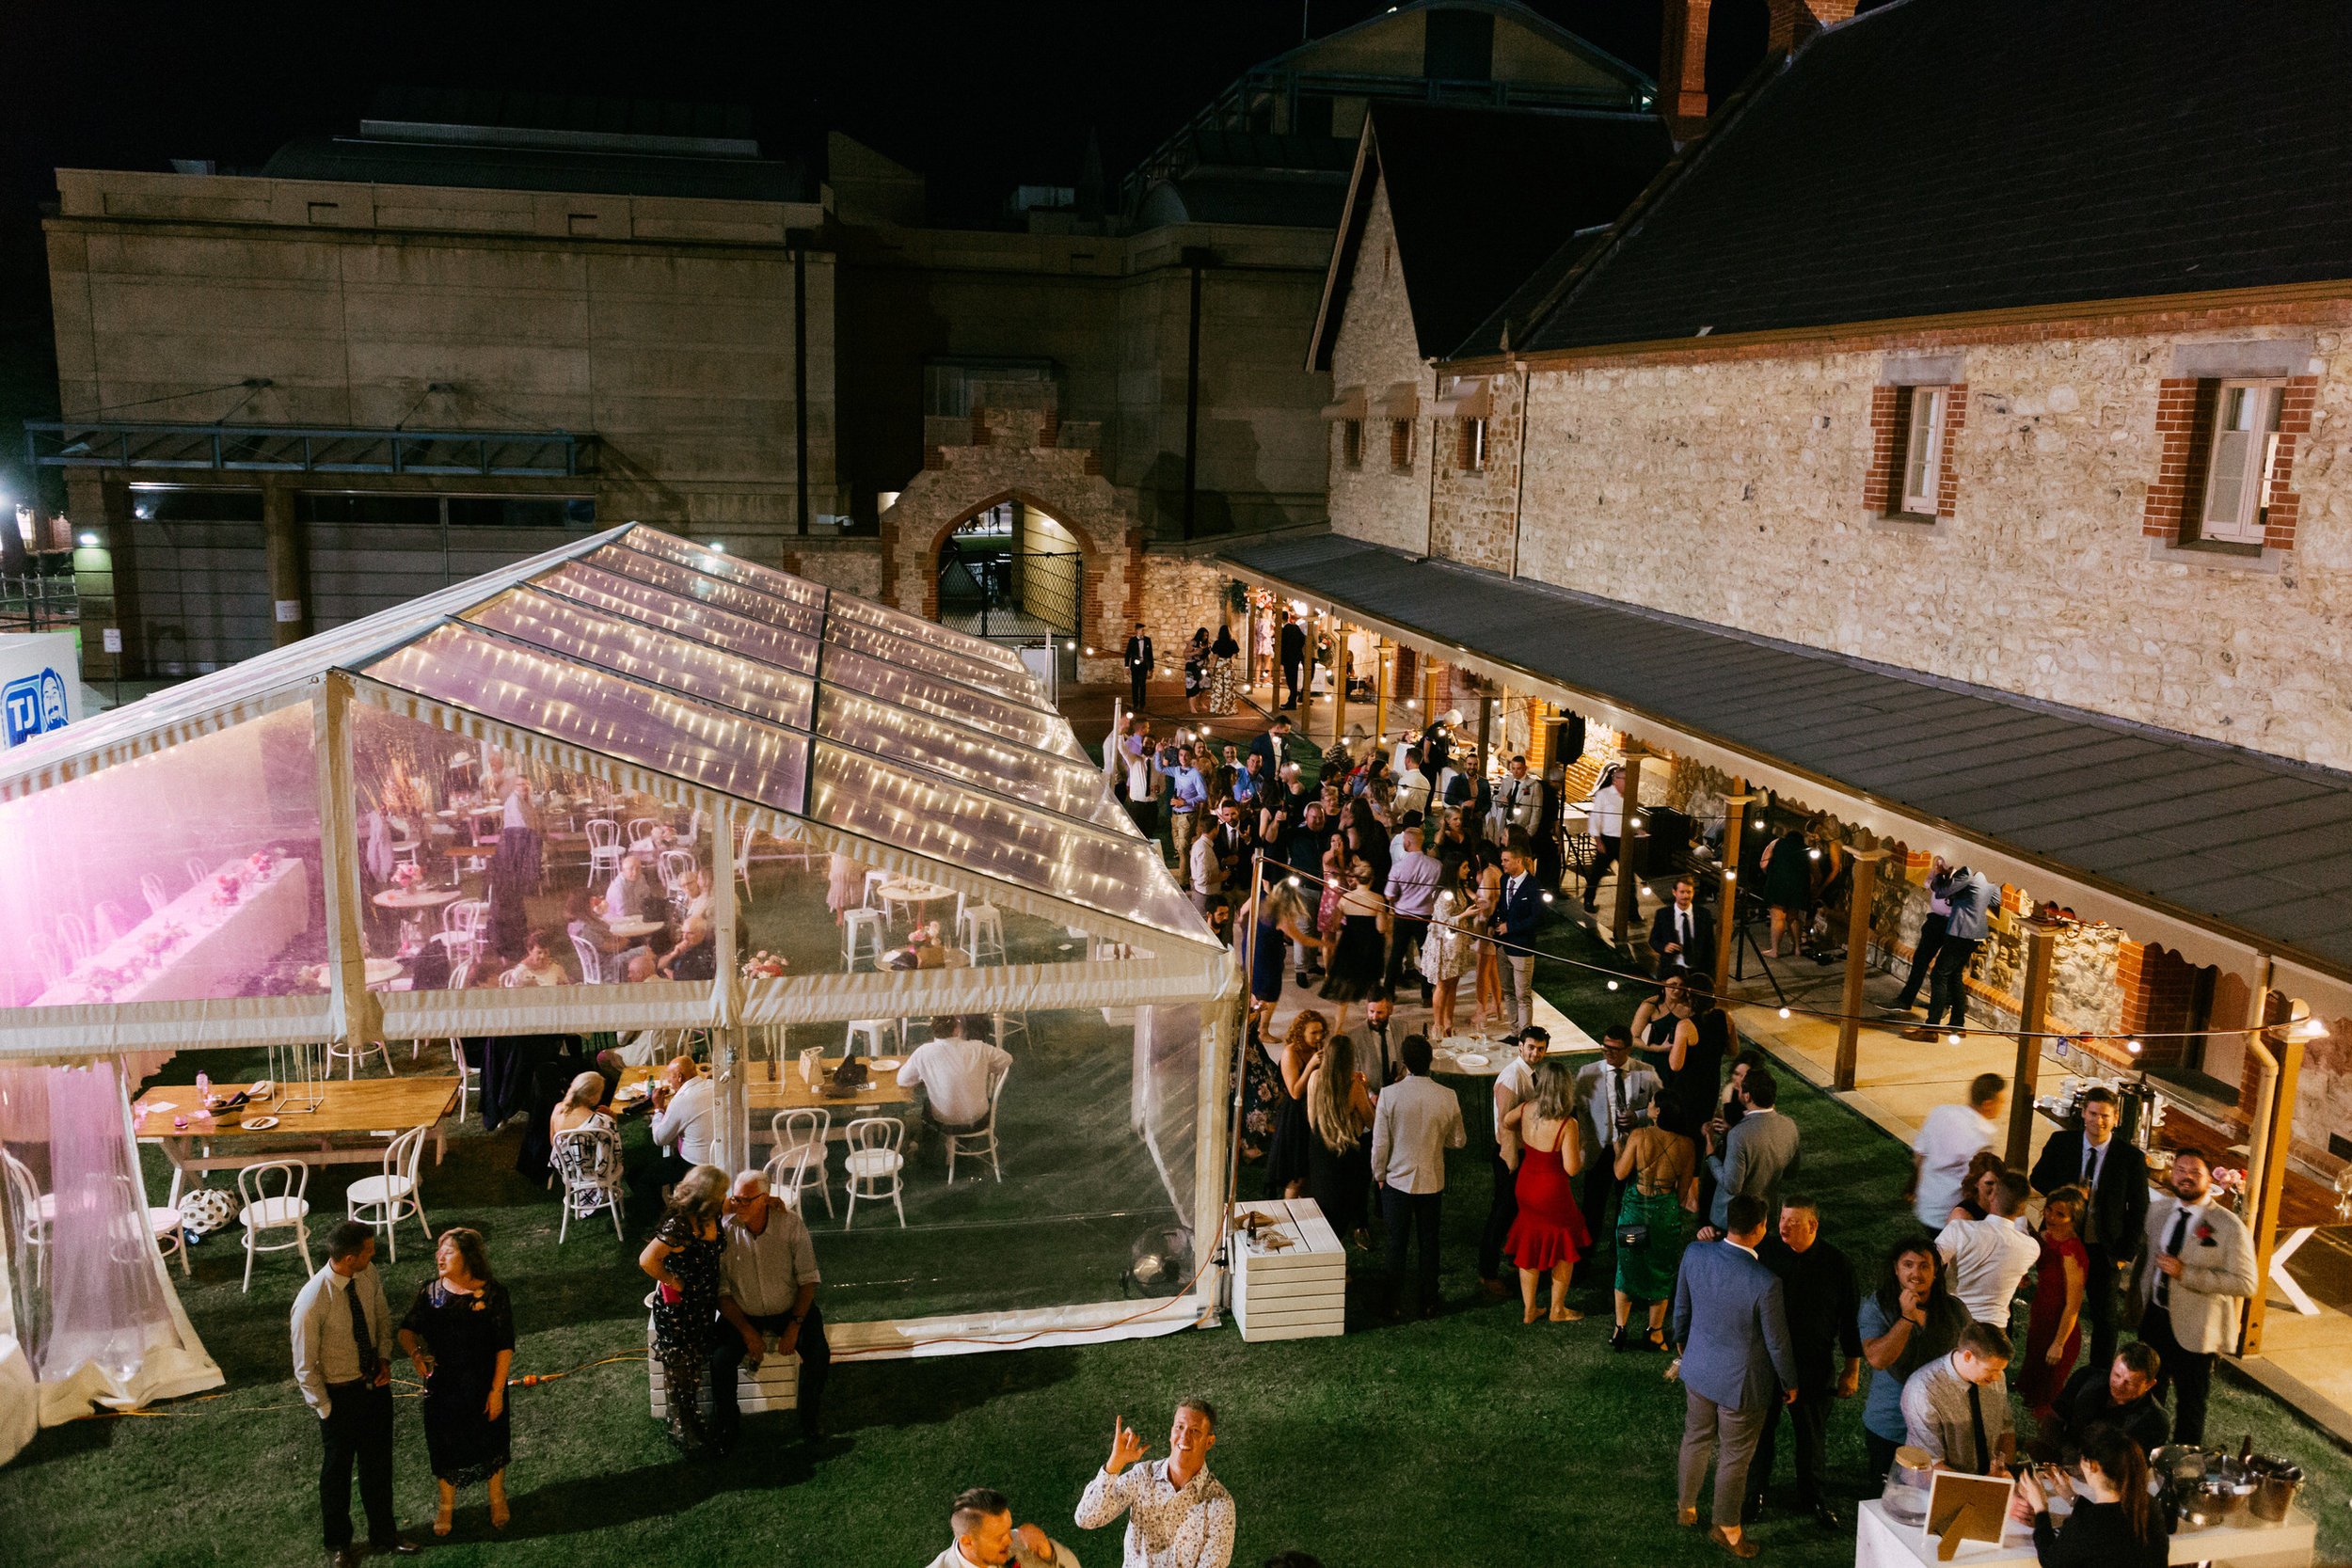 Adelaide City Fringe Garden Unearthly Delight Wedding 132.jpg